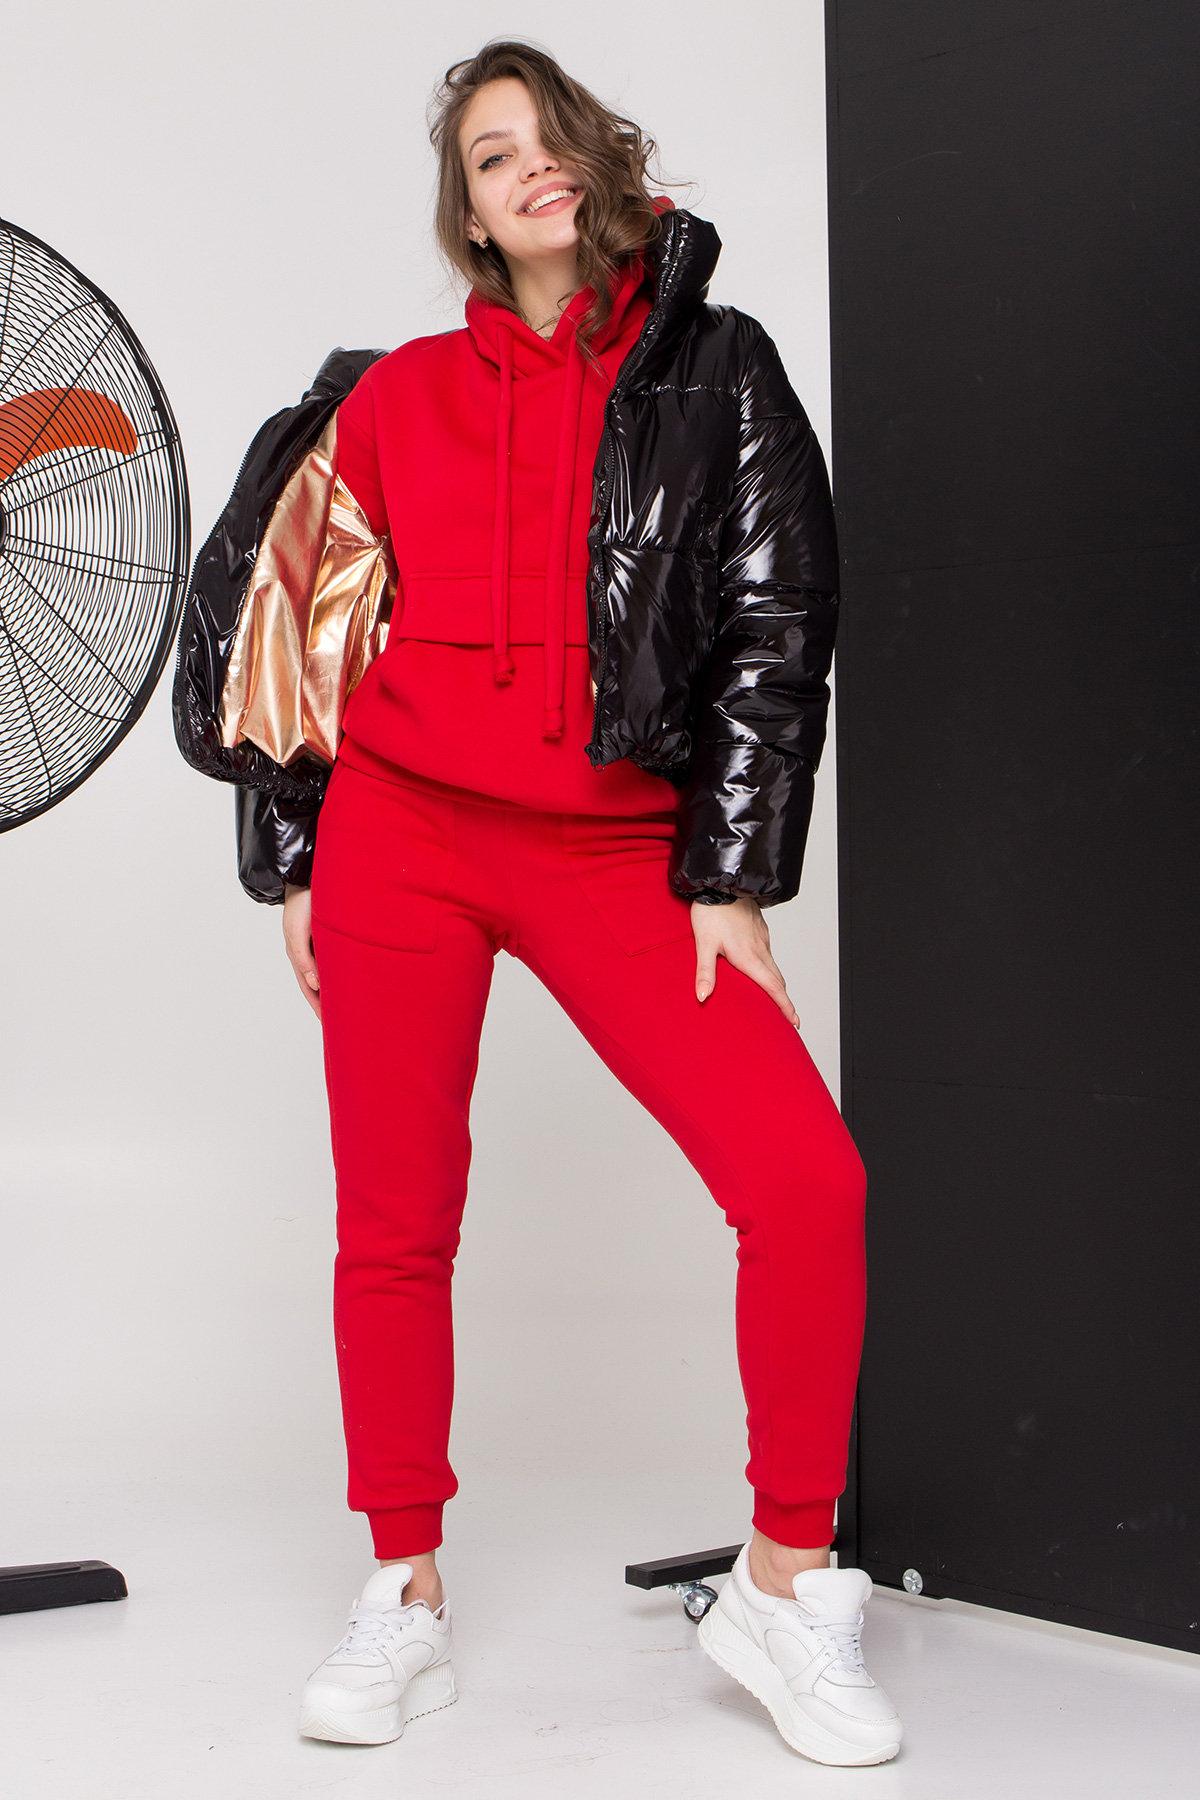 Куртка Драйв 8989 АРТ. 45299 Цвет: Черный - фото 4, интернет магазин tm-modus.ru